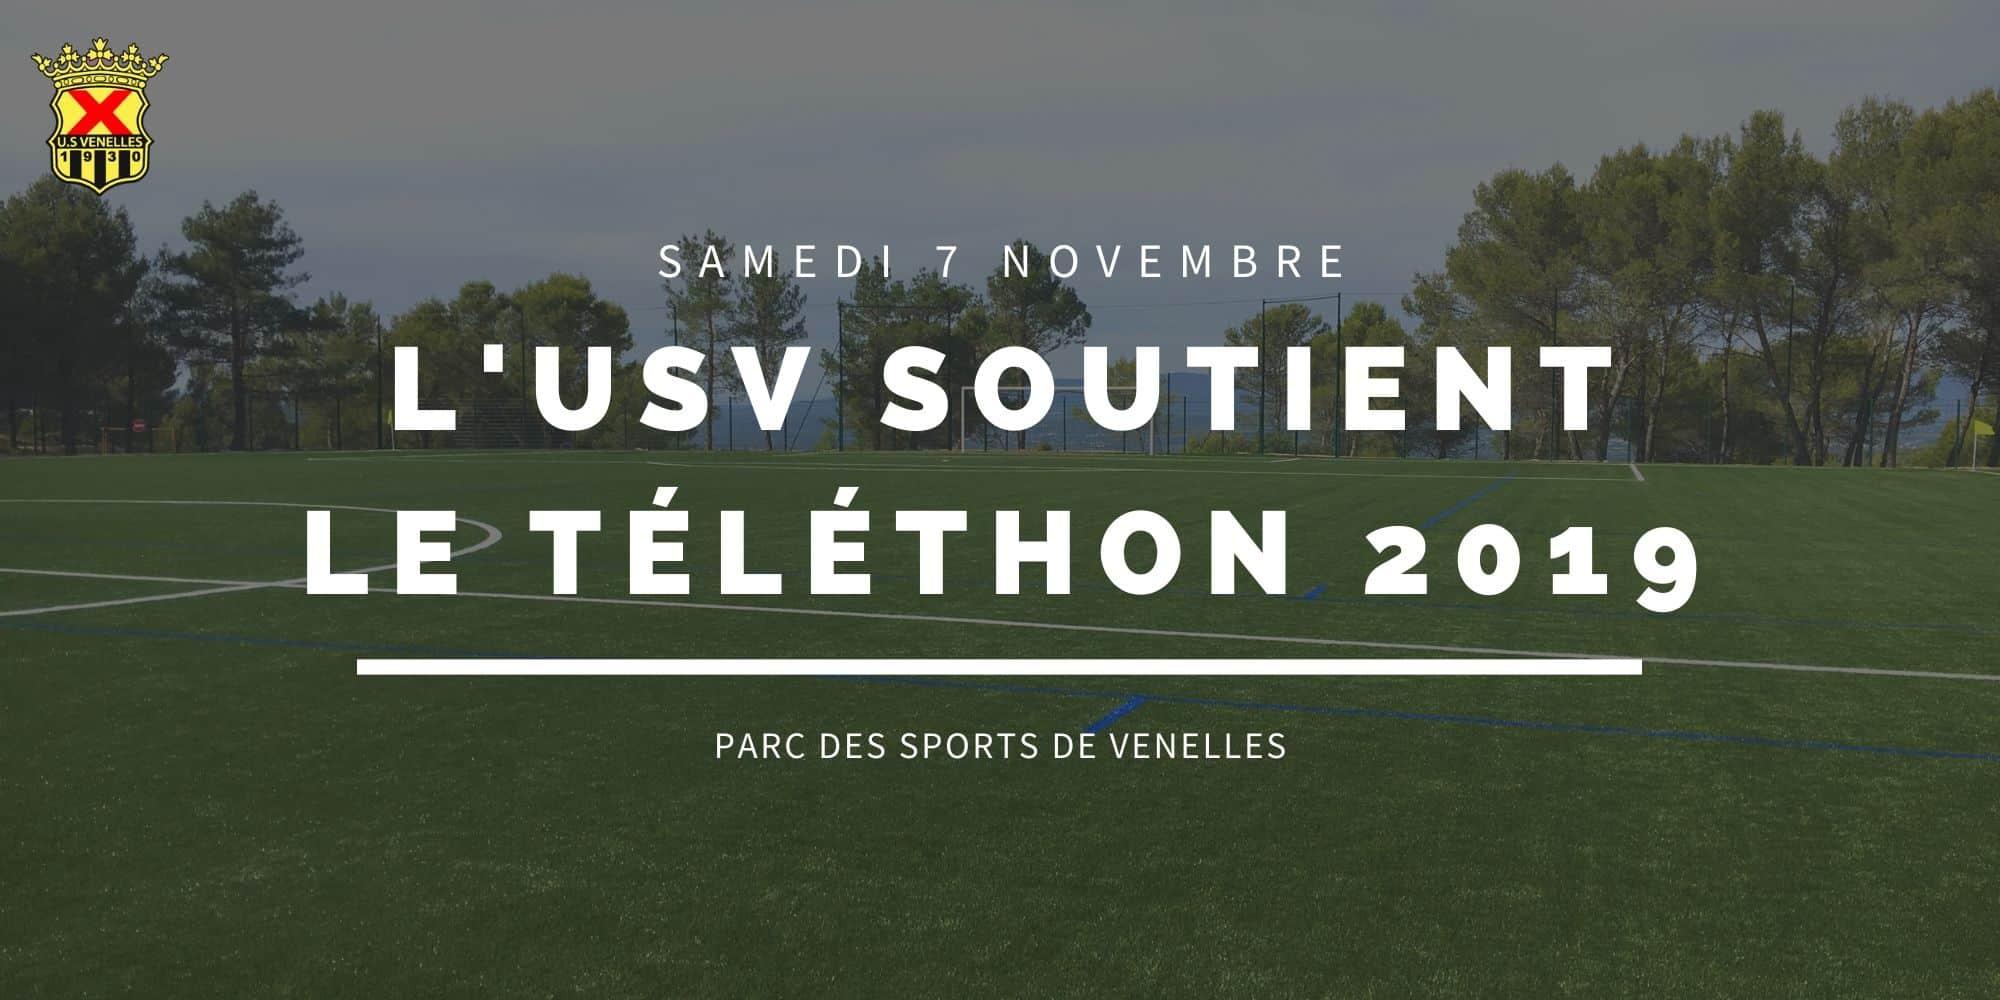 L'USV soutient le téléthon 2019